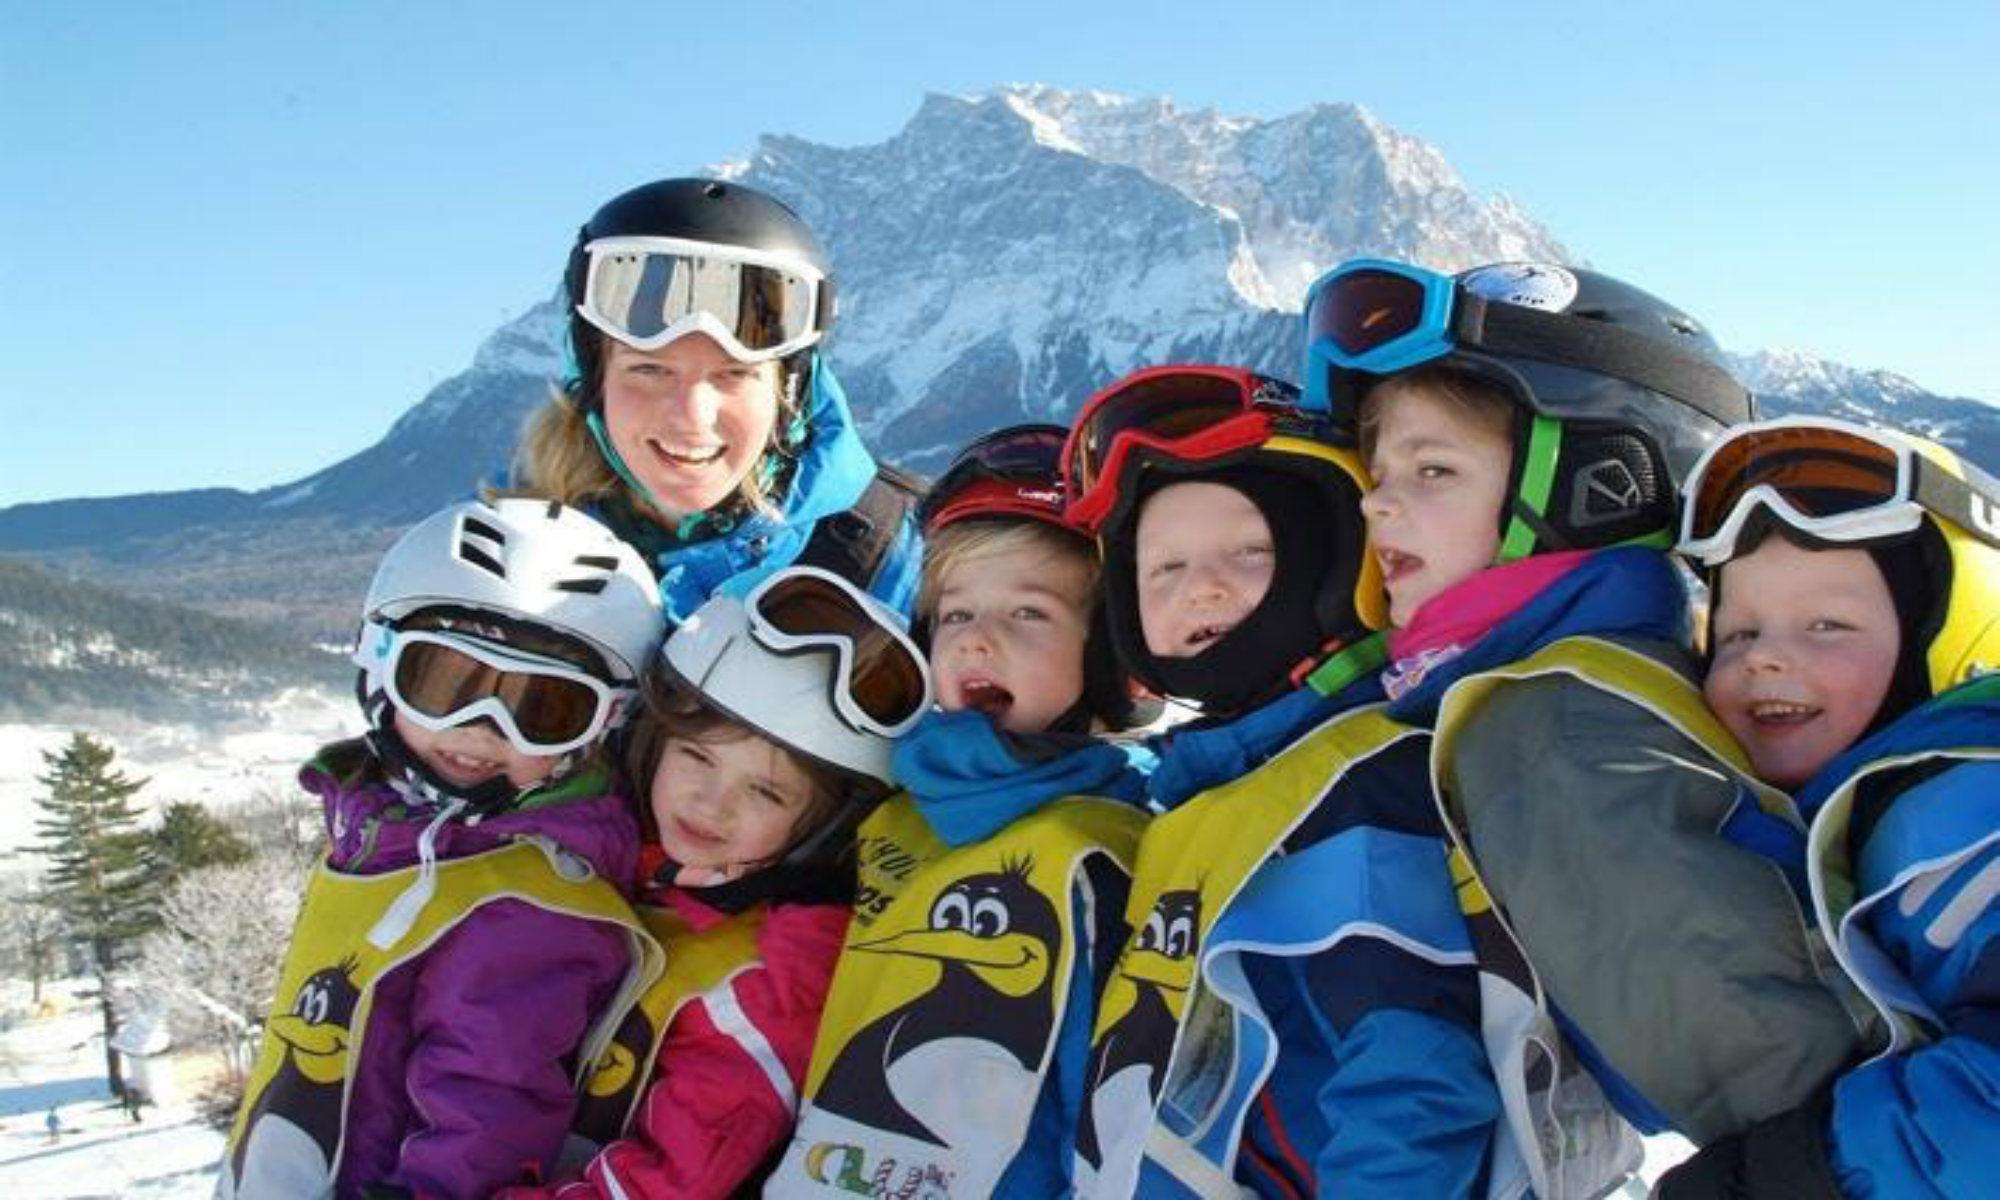 Een groep leerlingen poseert voor een foto met hun skilerares in het skigebied van Ehrwalder Alm.